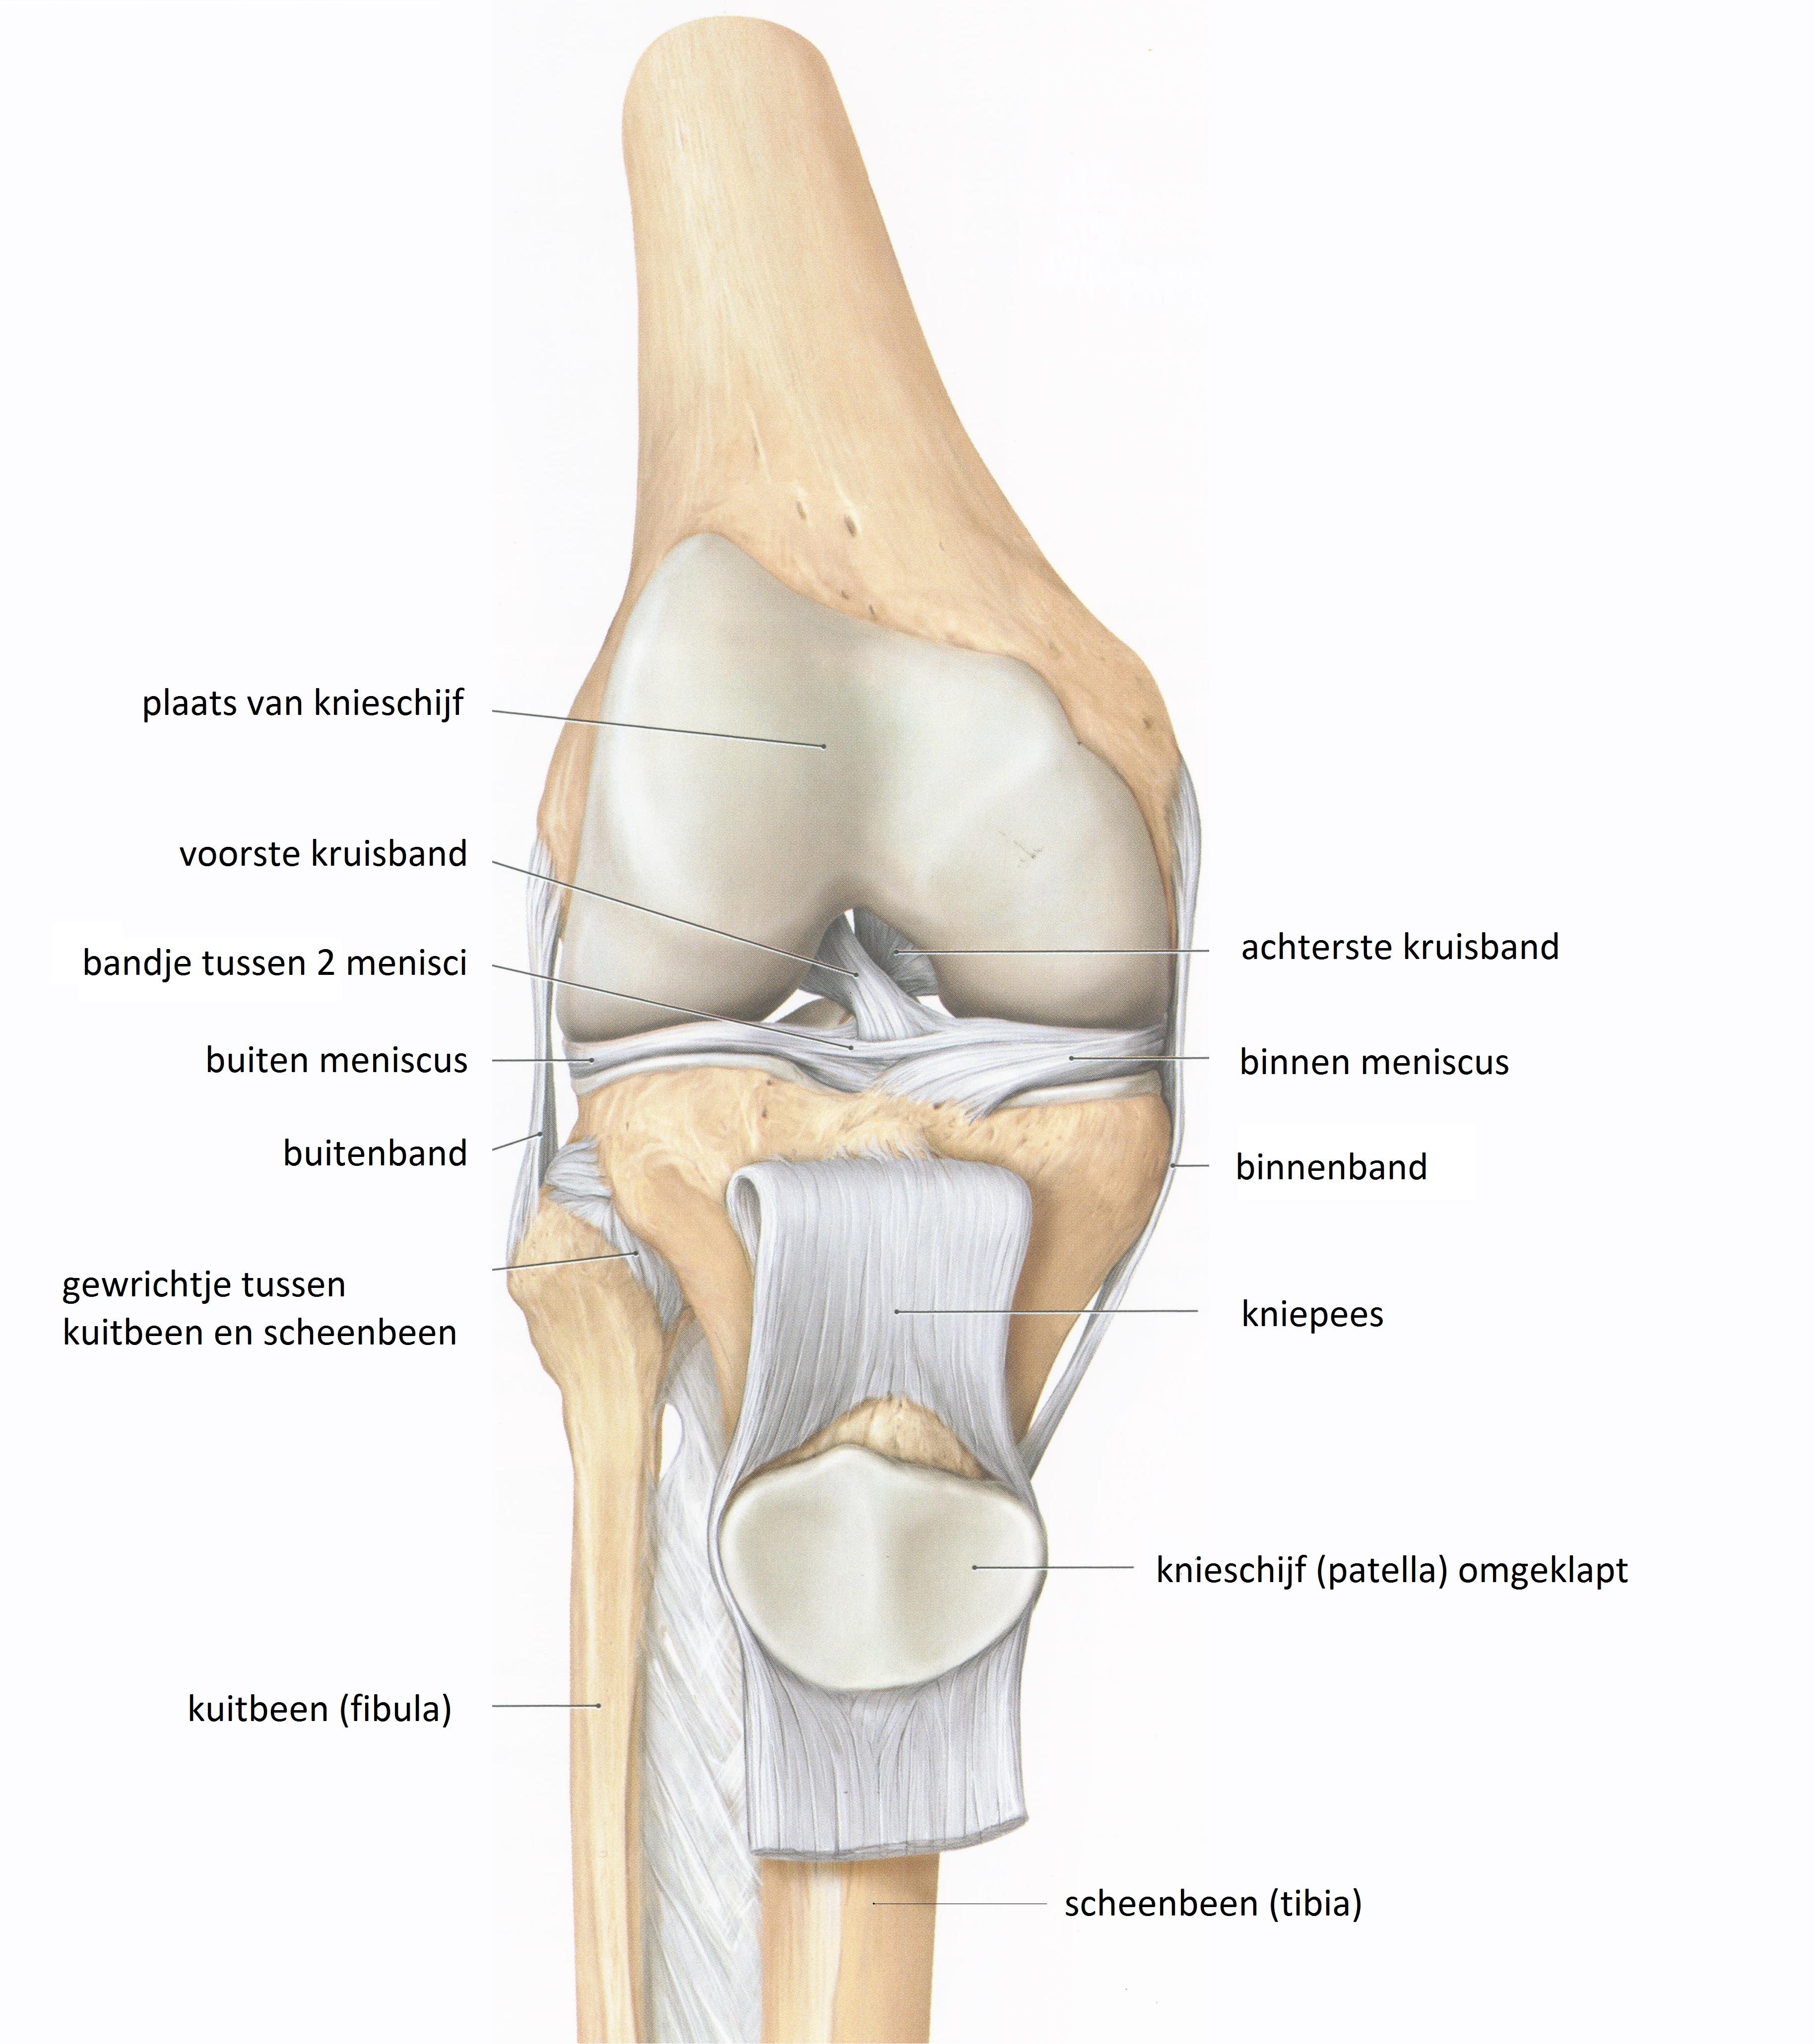 Het patellofemoraal pijnsyndroom (PFPS) : de knieschijf als hefboom ...